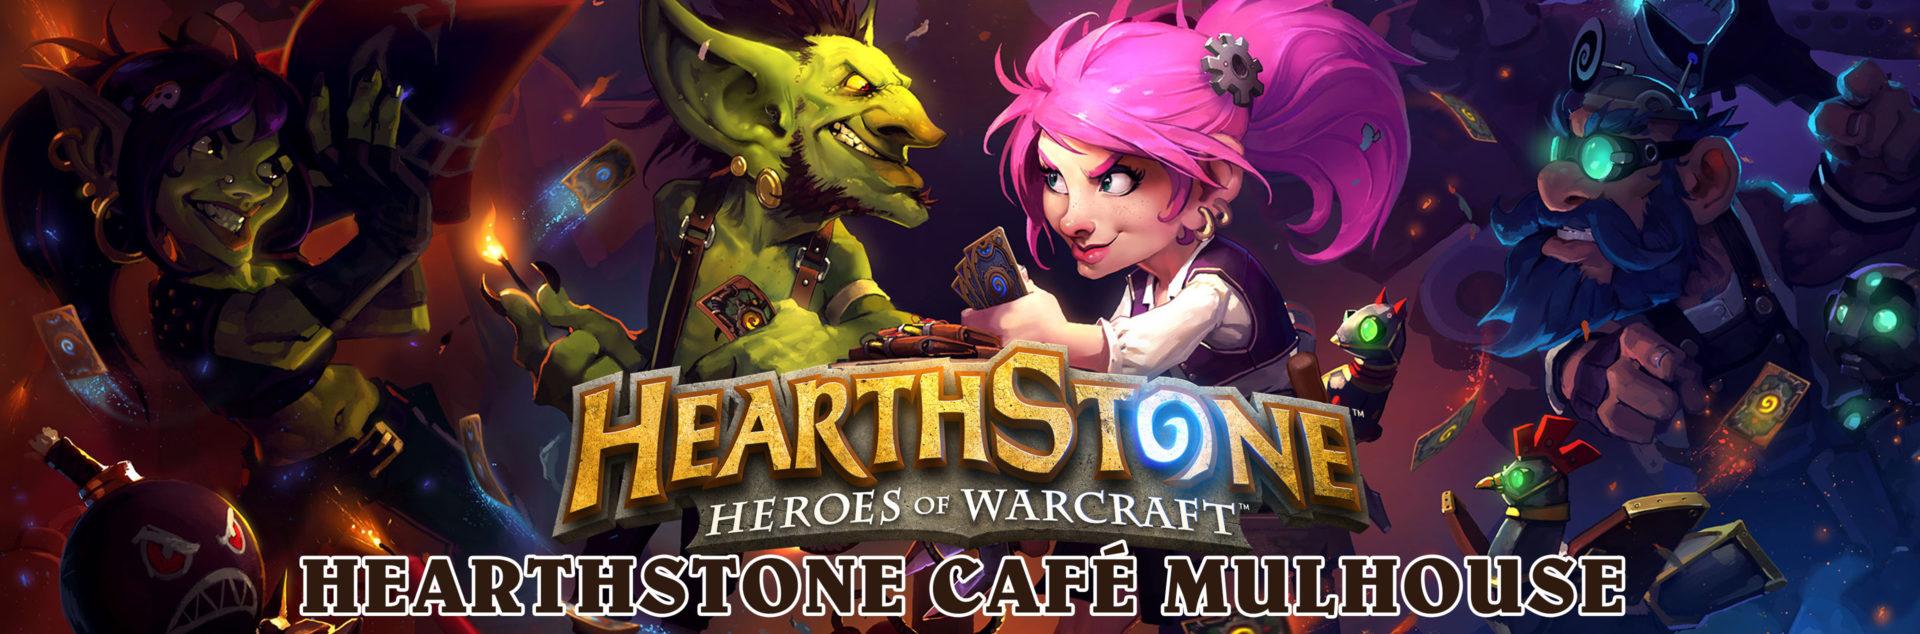 Hearthstone Café Mulhouse